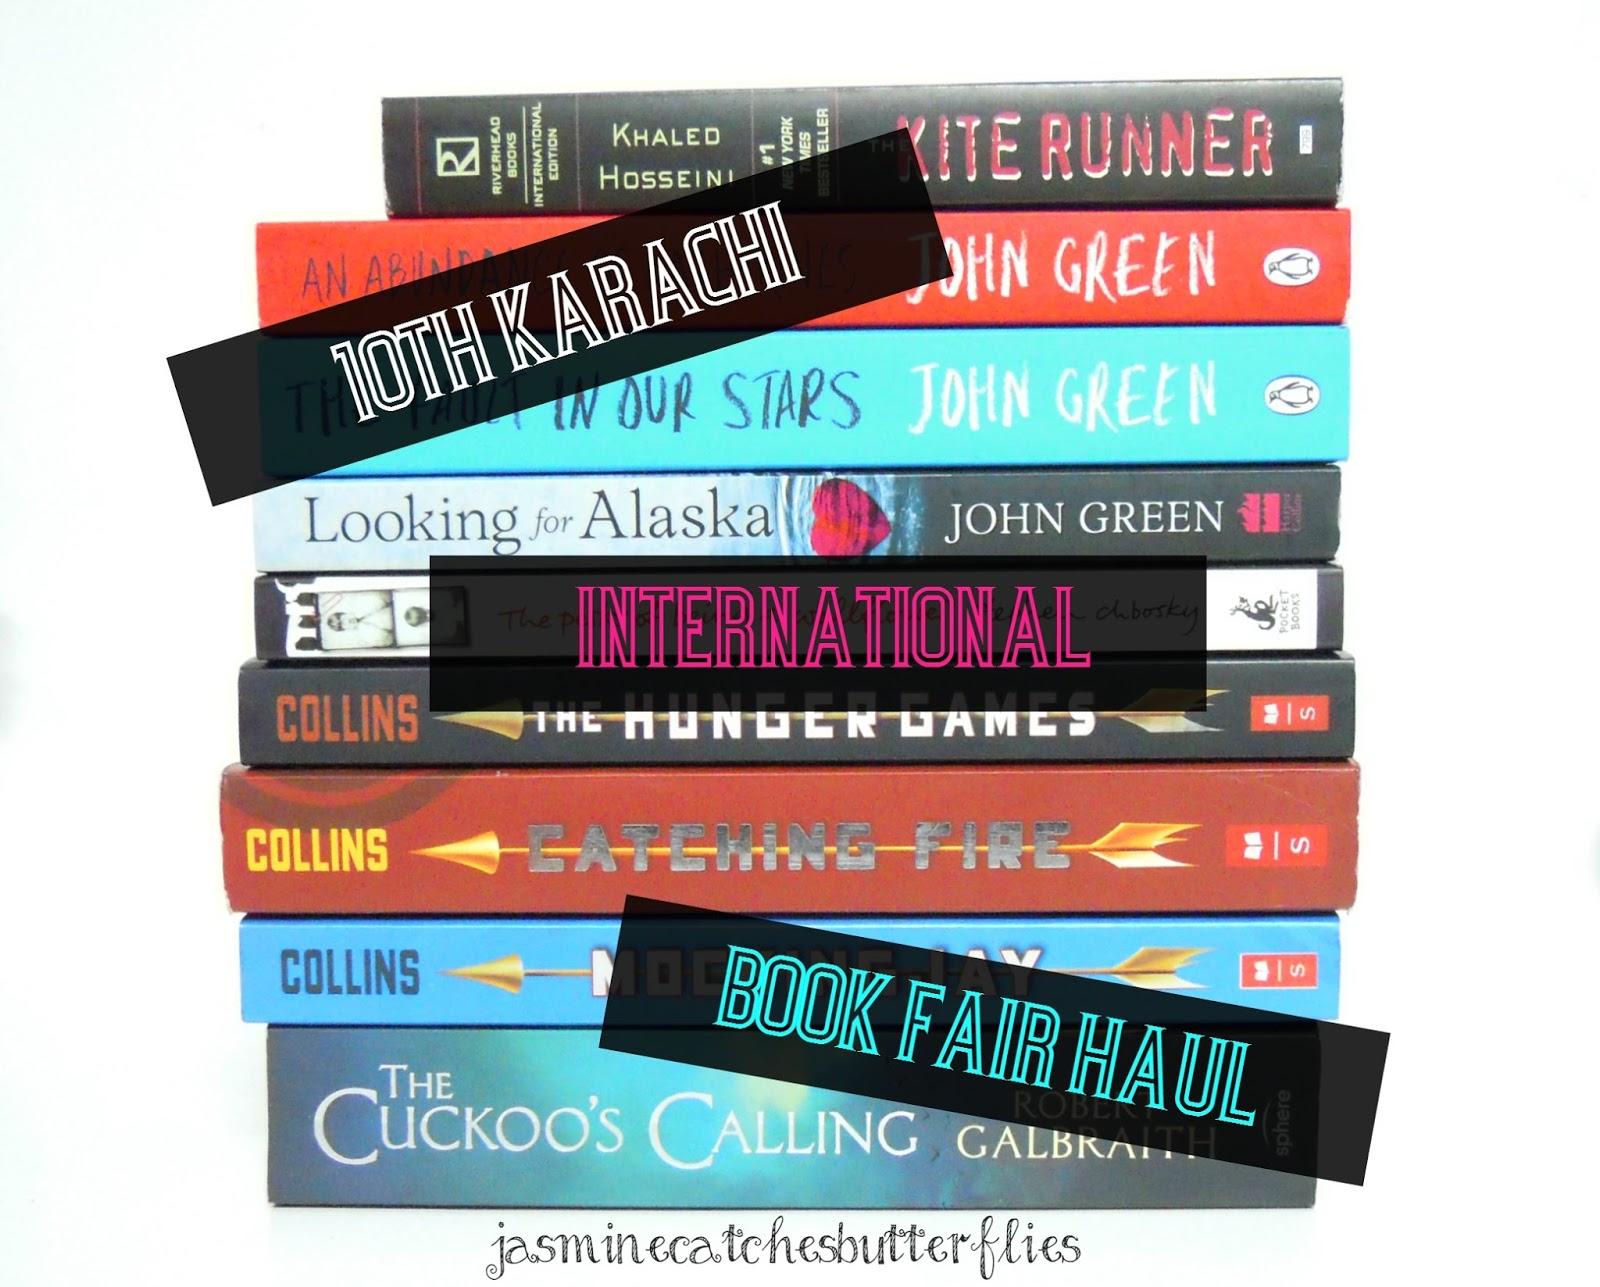 10th Karachi International Book Fair Haul